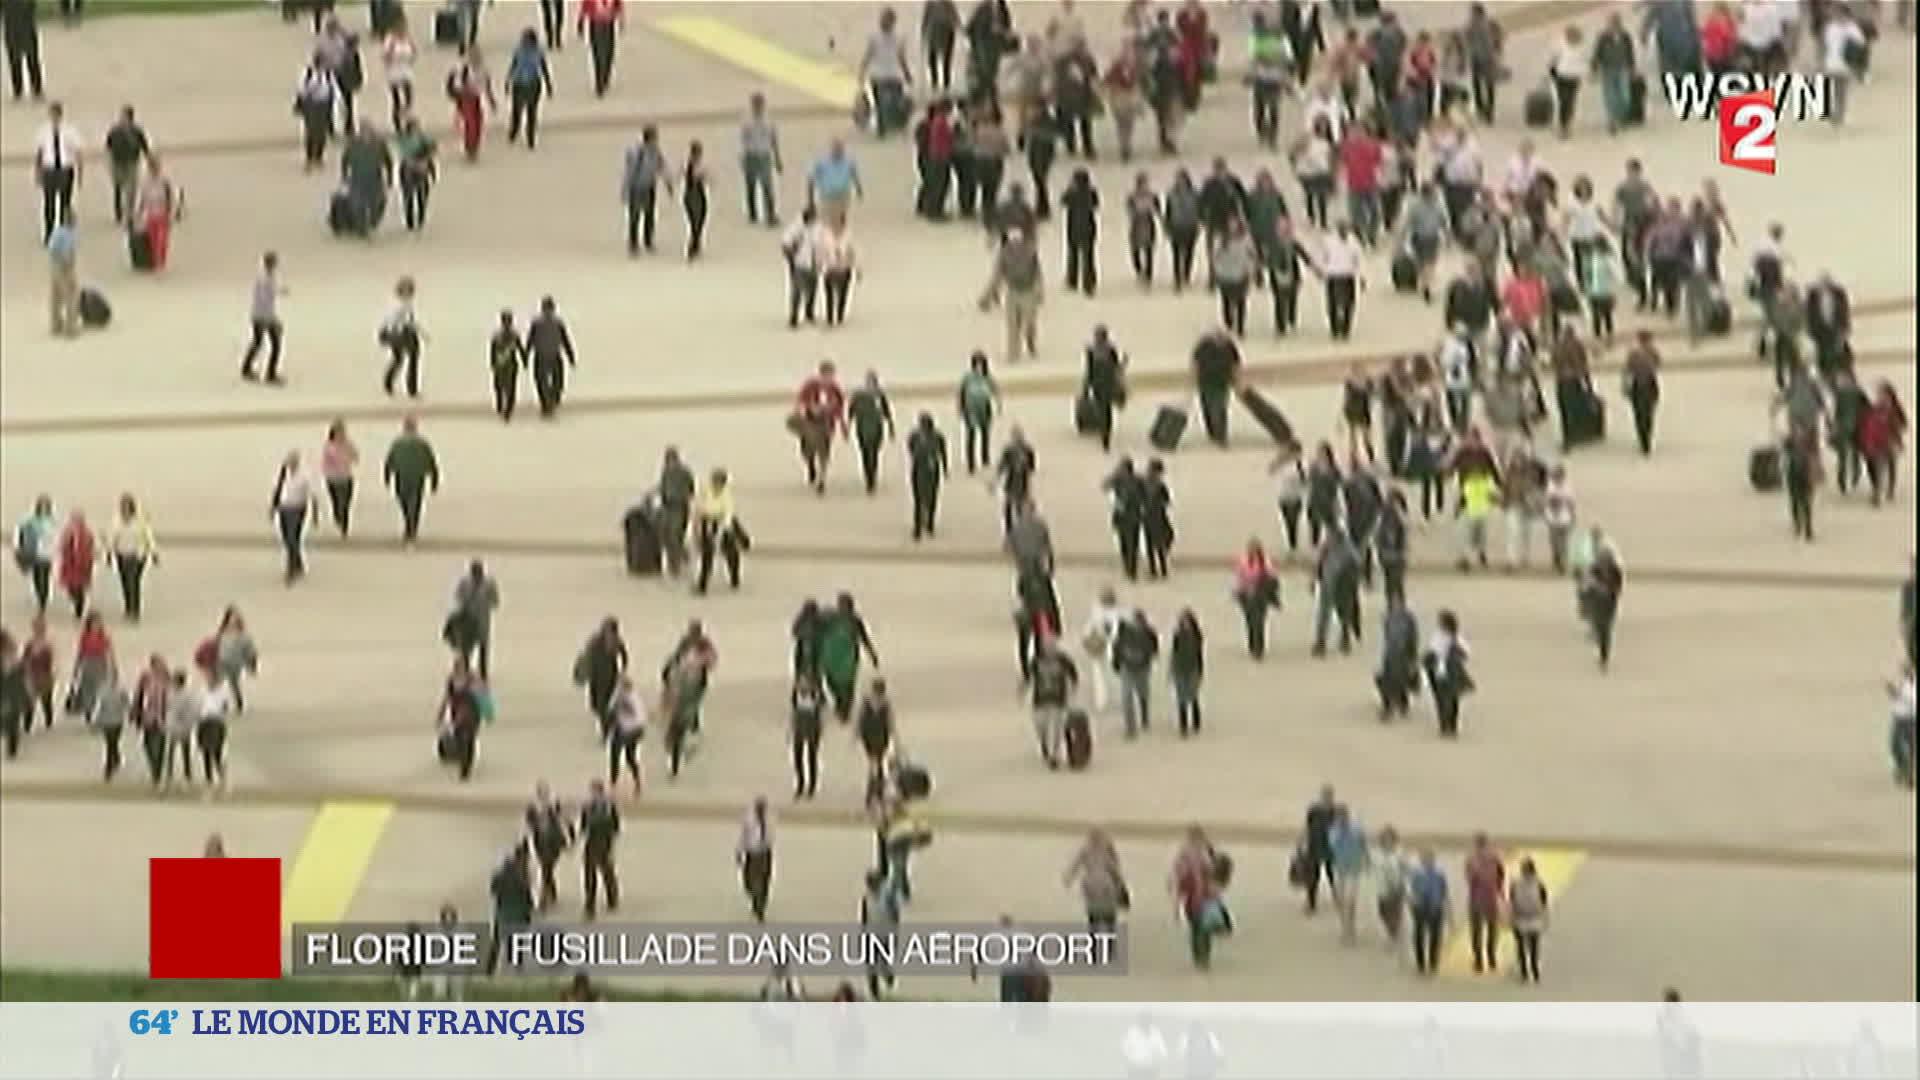 Etats-Unis : 5 morts dans une fusillade à l'aéroport de Fort Lauderdale